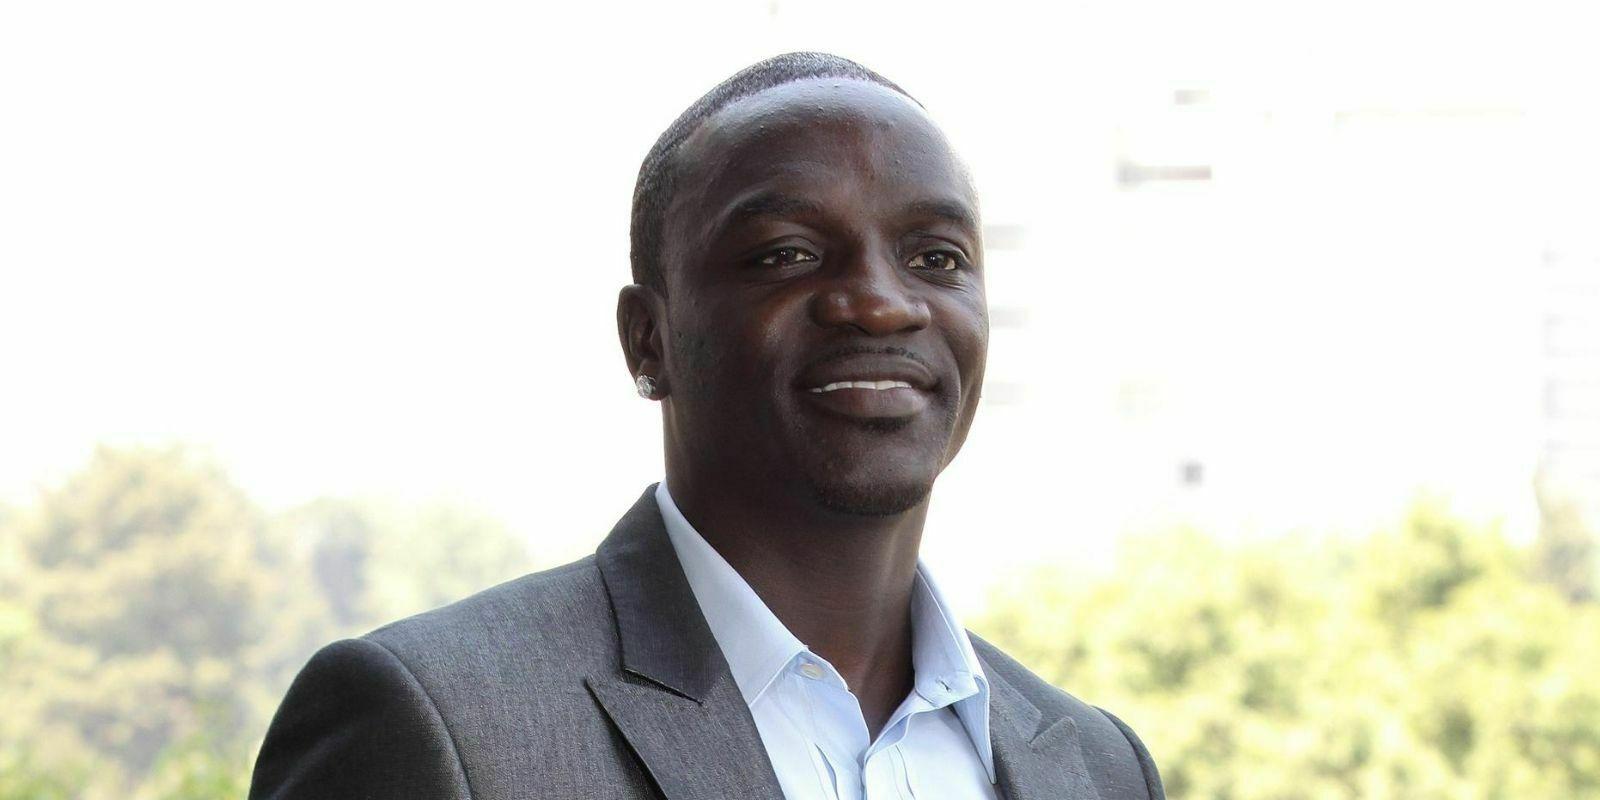 Présidentielle américaine 2020 : Akon rejoint la campagne de Brock Pierce